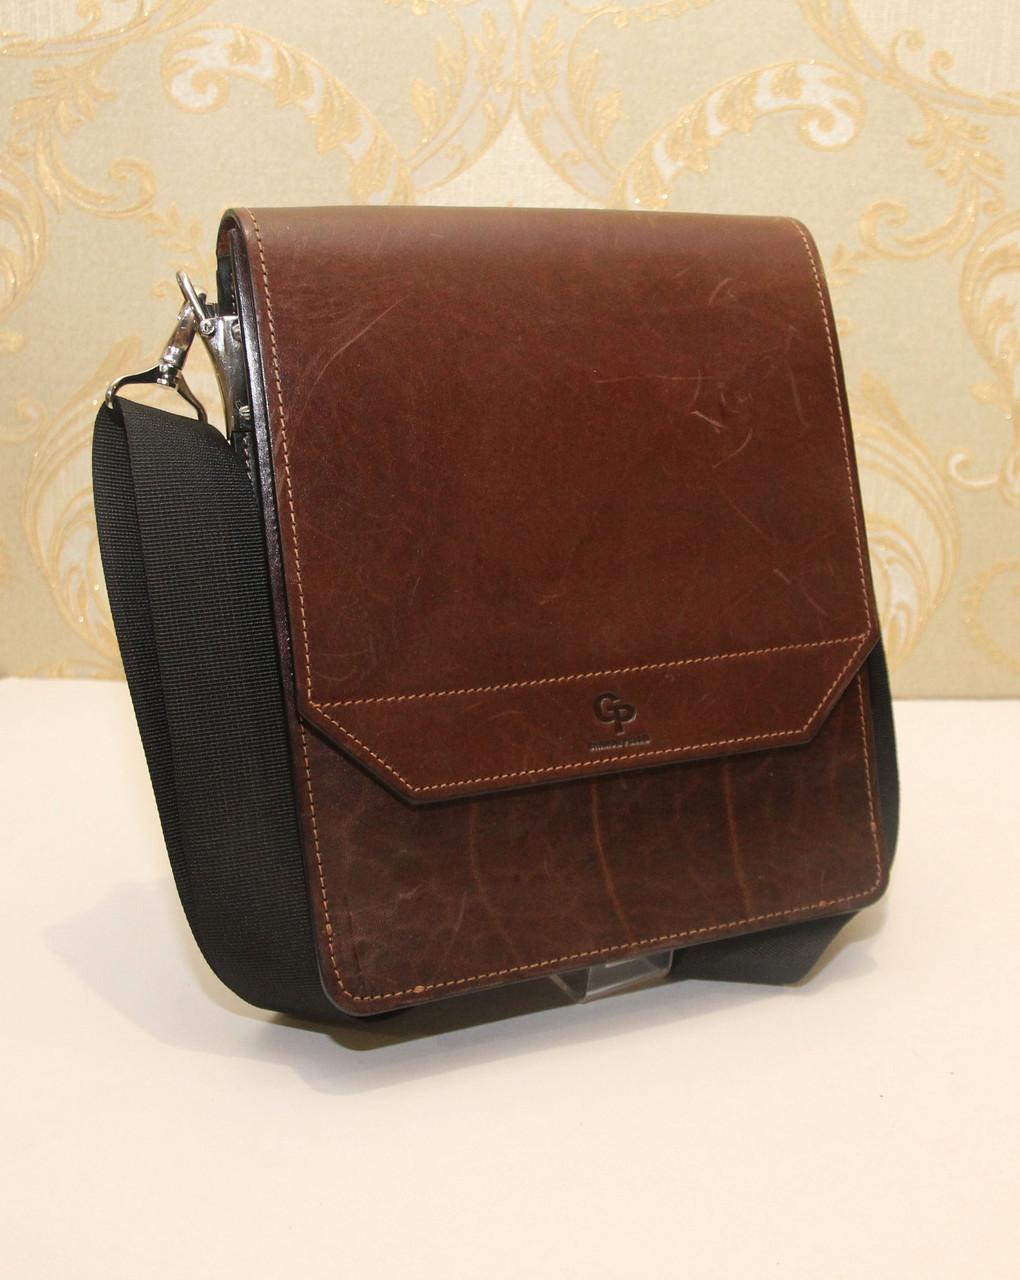 93f4b185d431 Сумка-планшет из плотной натуральной кожи Grande Pelle (10955) -  Интернет-магазин